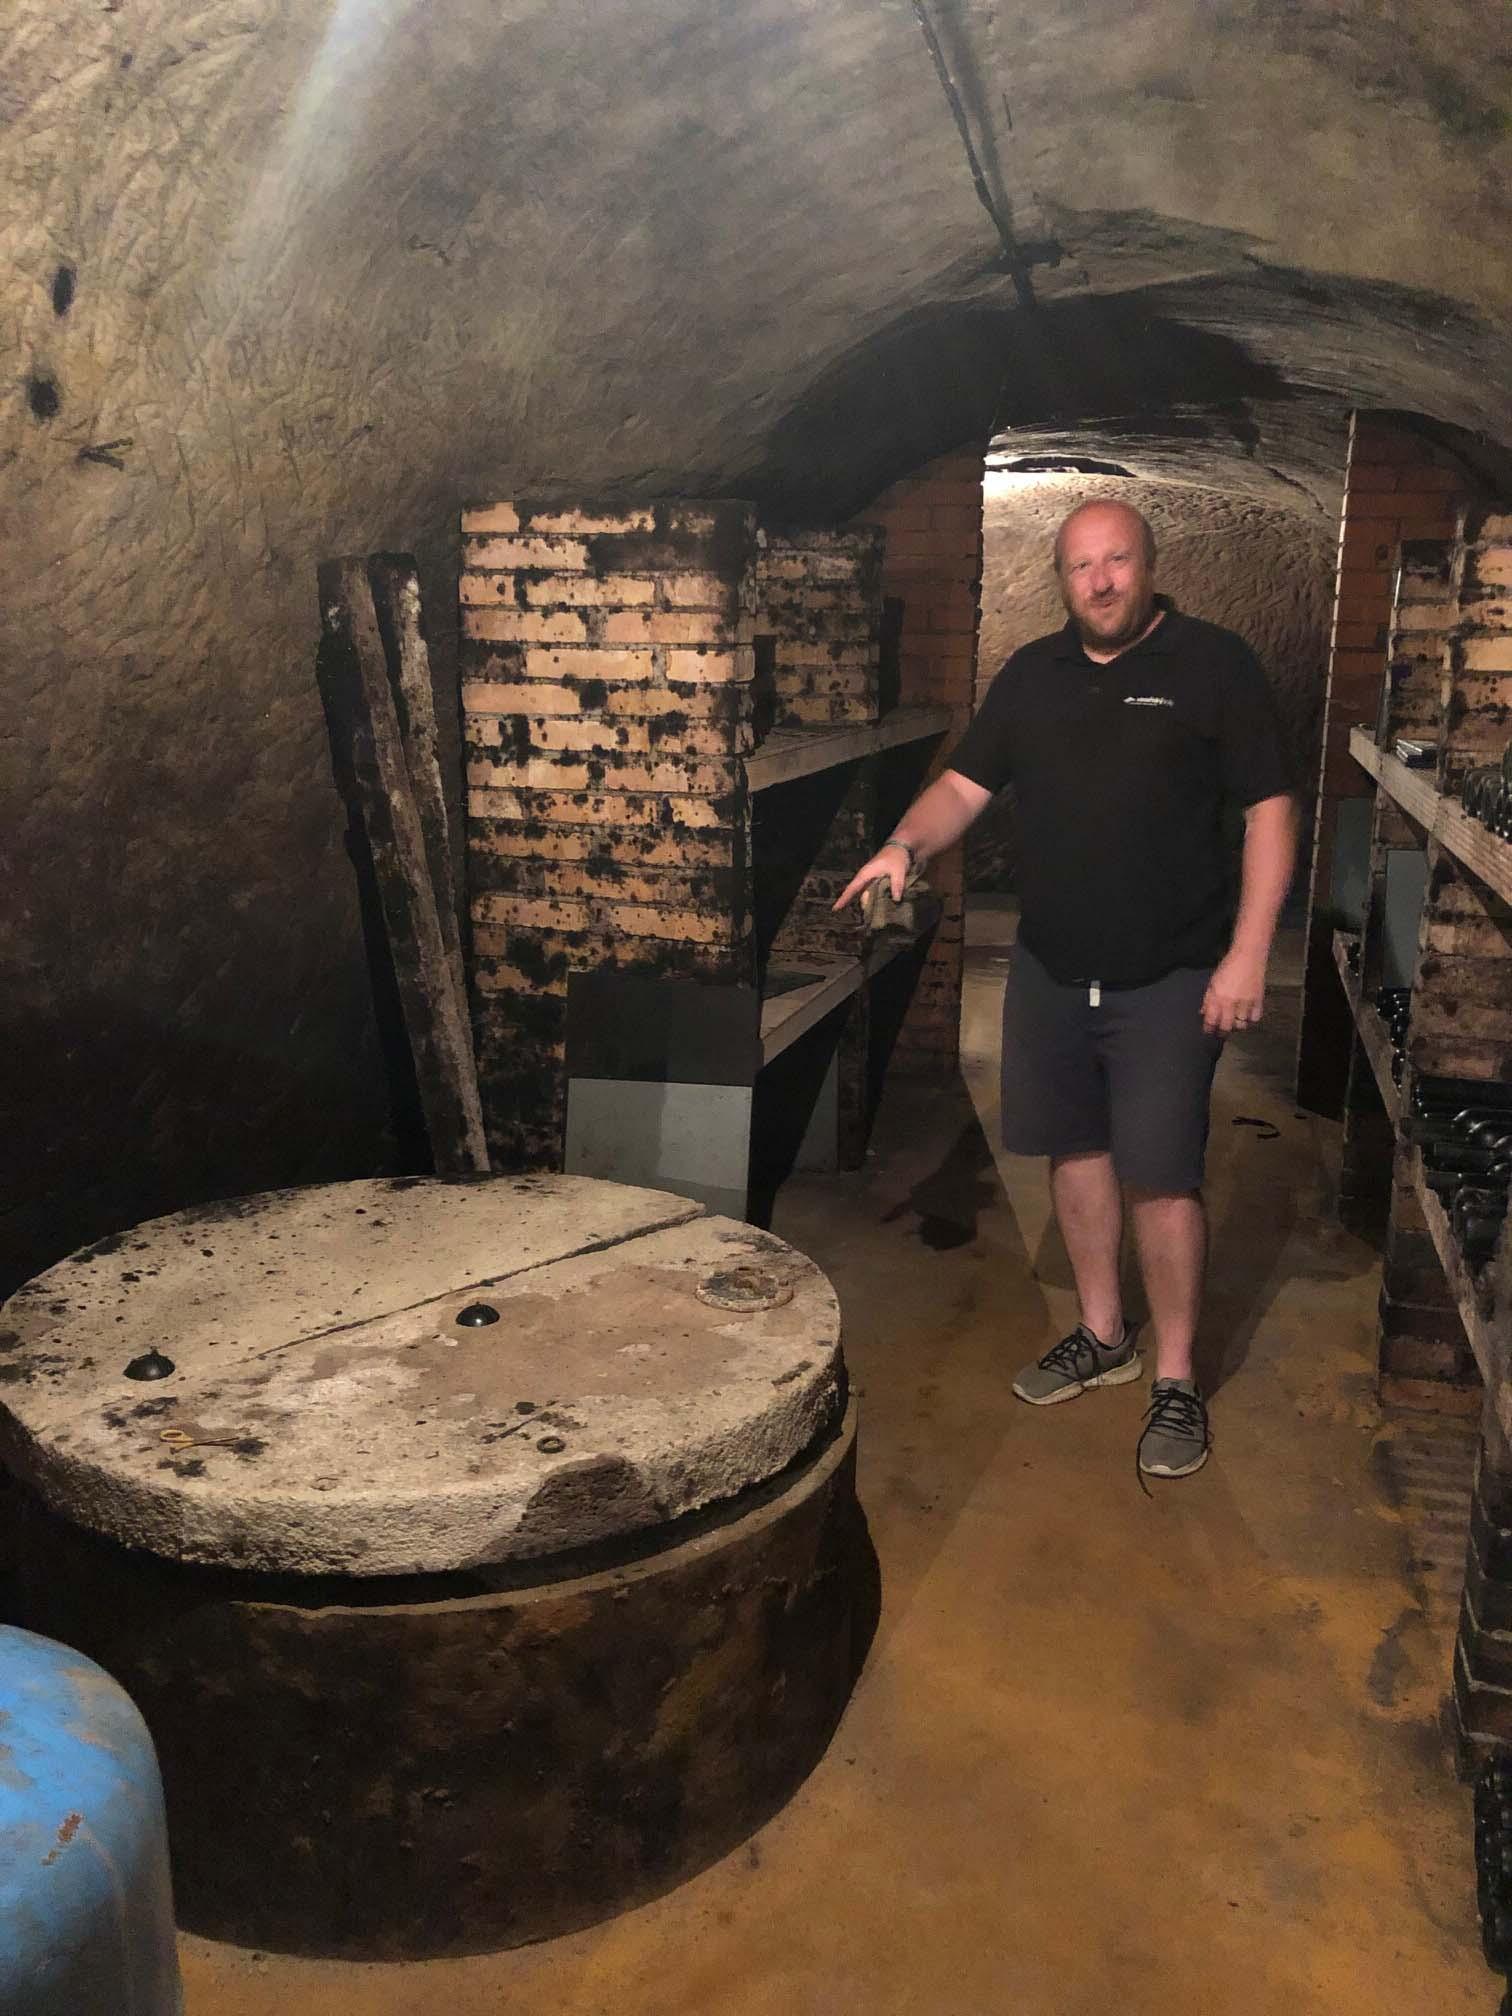 VÍNO VANĚK - to je ta studna ze který bereme vodu na chlazení kvasícího moštu v sudech